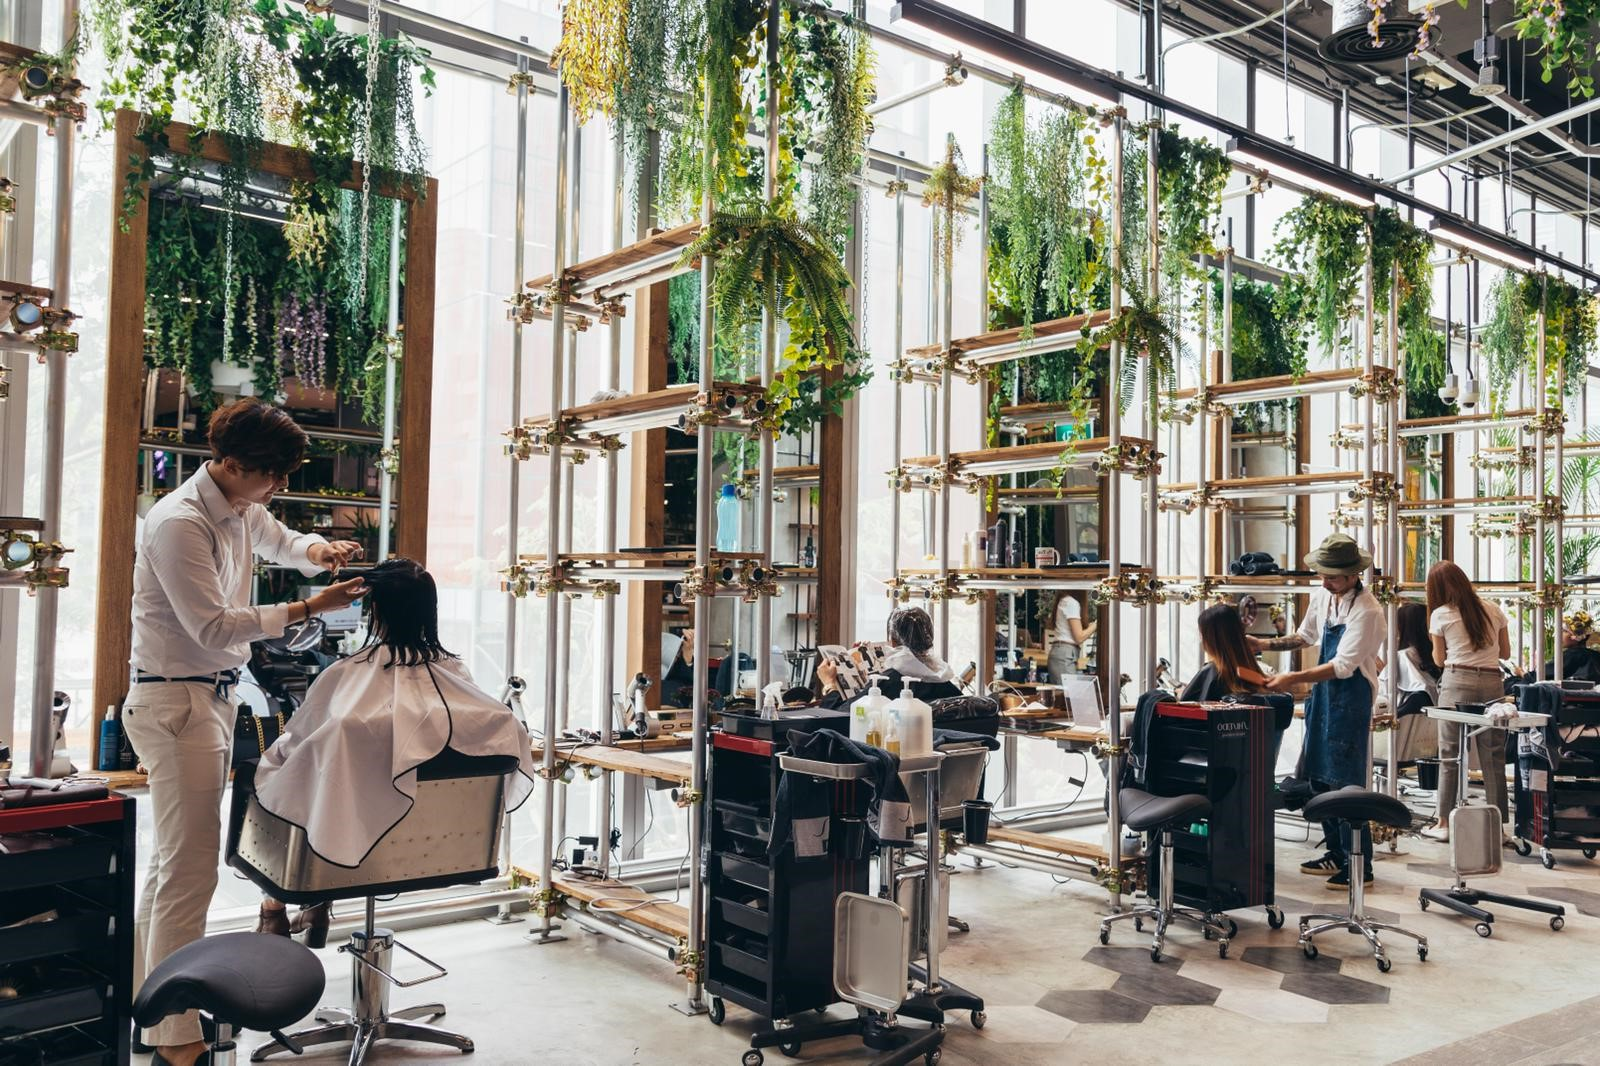 Mobilier coiffure: Il est également important de vous assurer que votre équipement de salon correspond à l'ambiance.